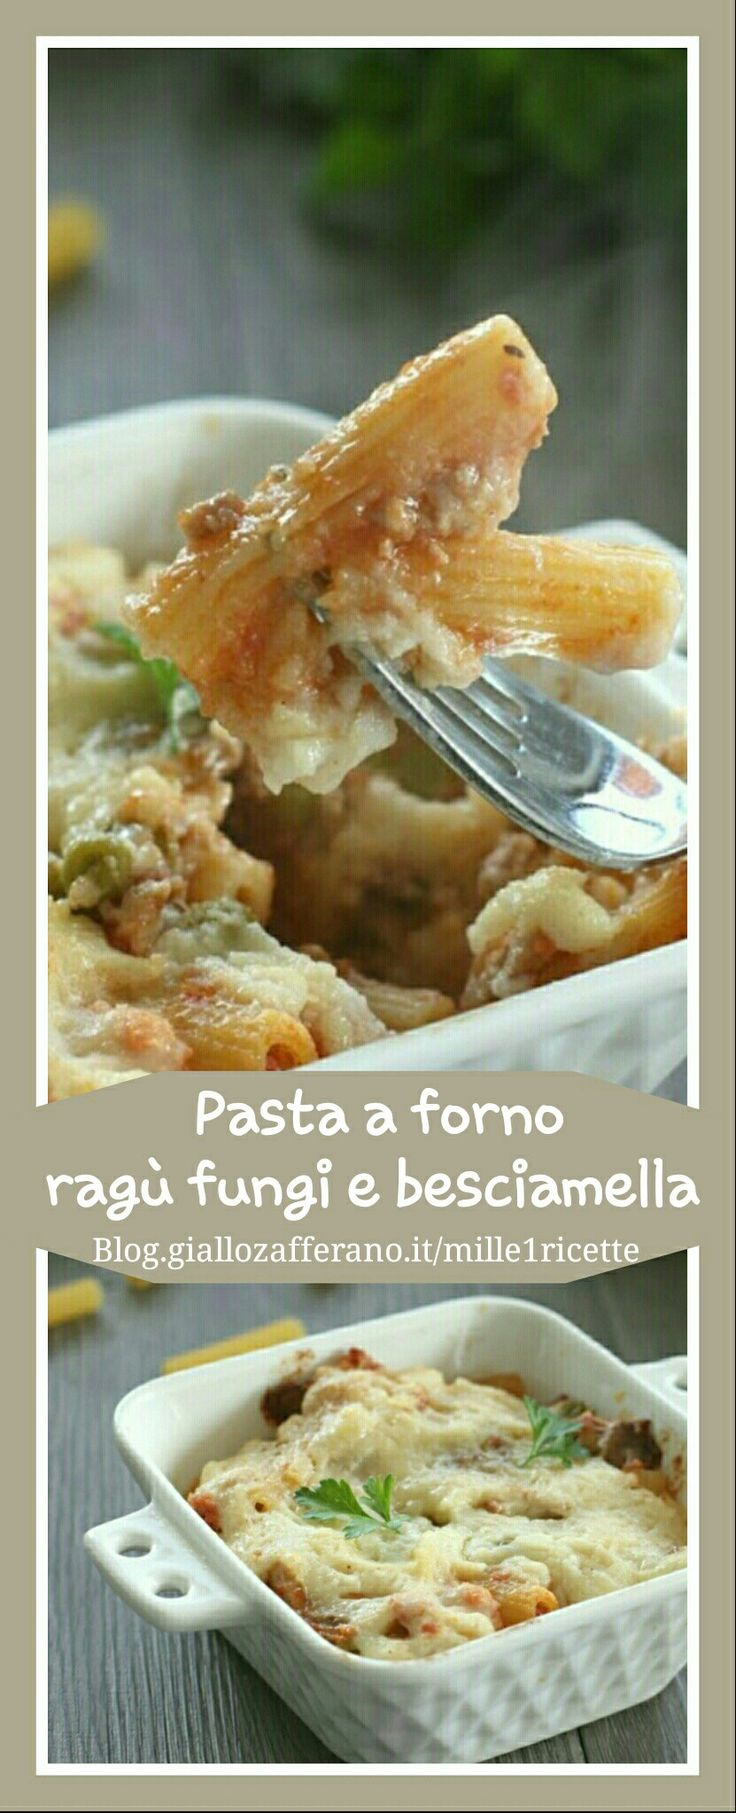 La pasta a forno con ragù, funghi e besciamella, nasce dalla voglia di cambiare, di non fare le lasagne o una semplice pasta al forno ma di arricchirla Ecco la mia ricetta http://blog.giallozafferano.it/mille1ricette/pasta-forno-ragu-funghi/